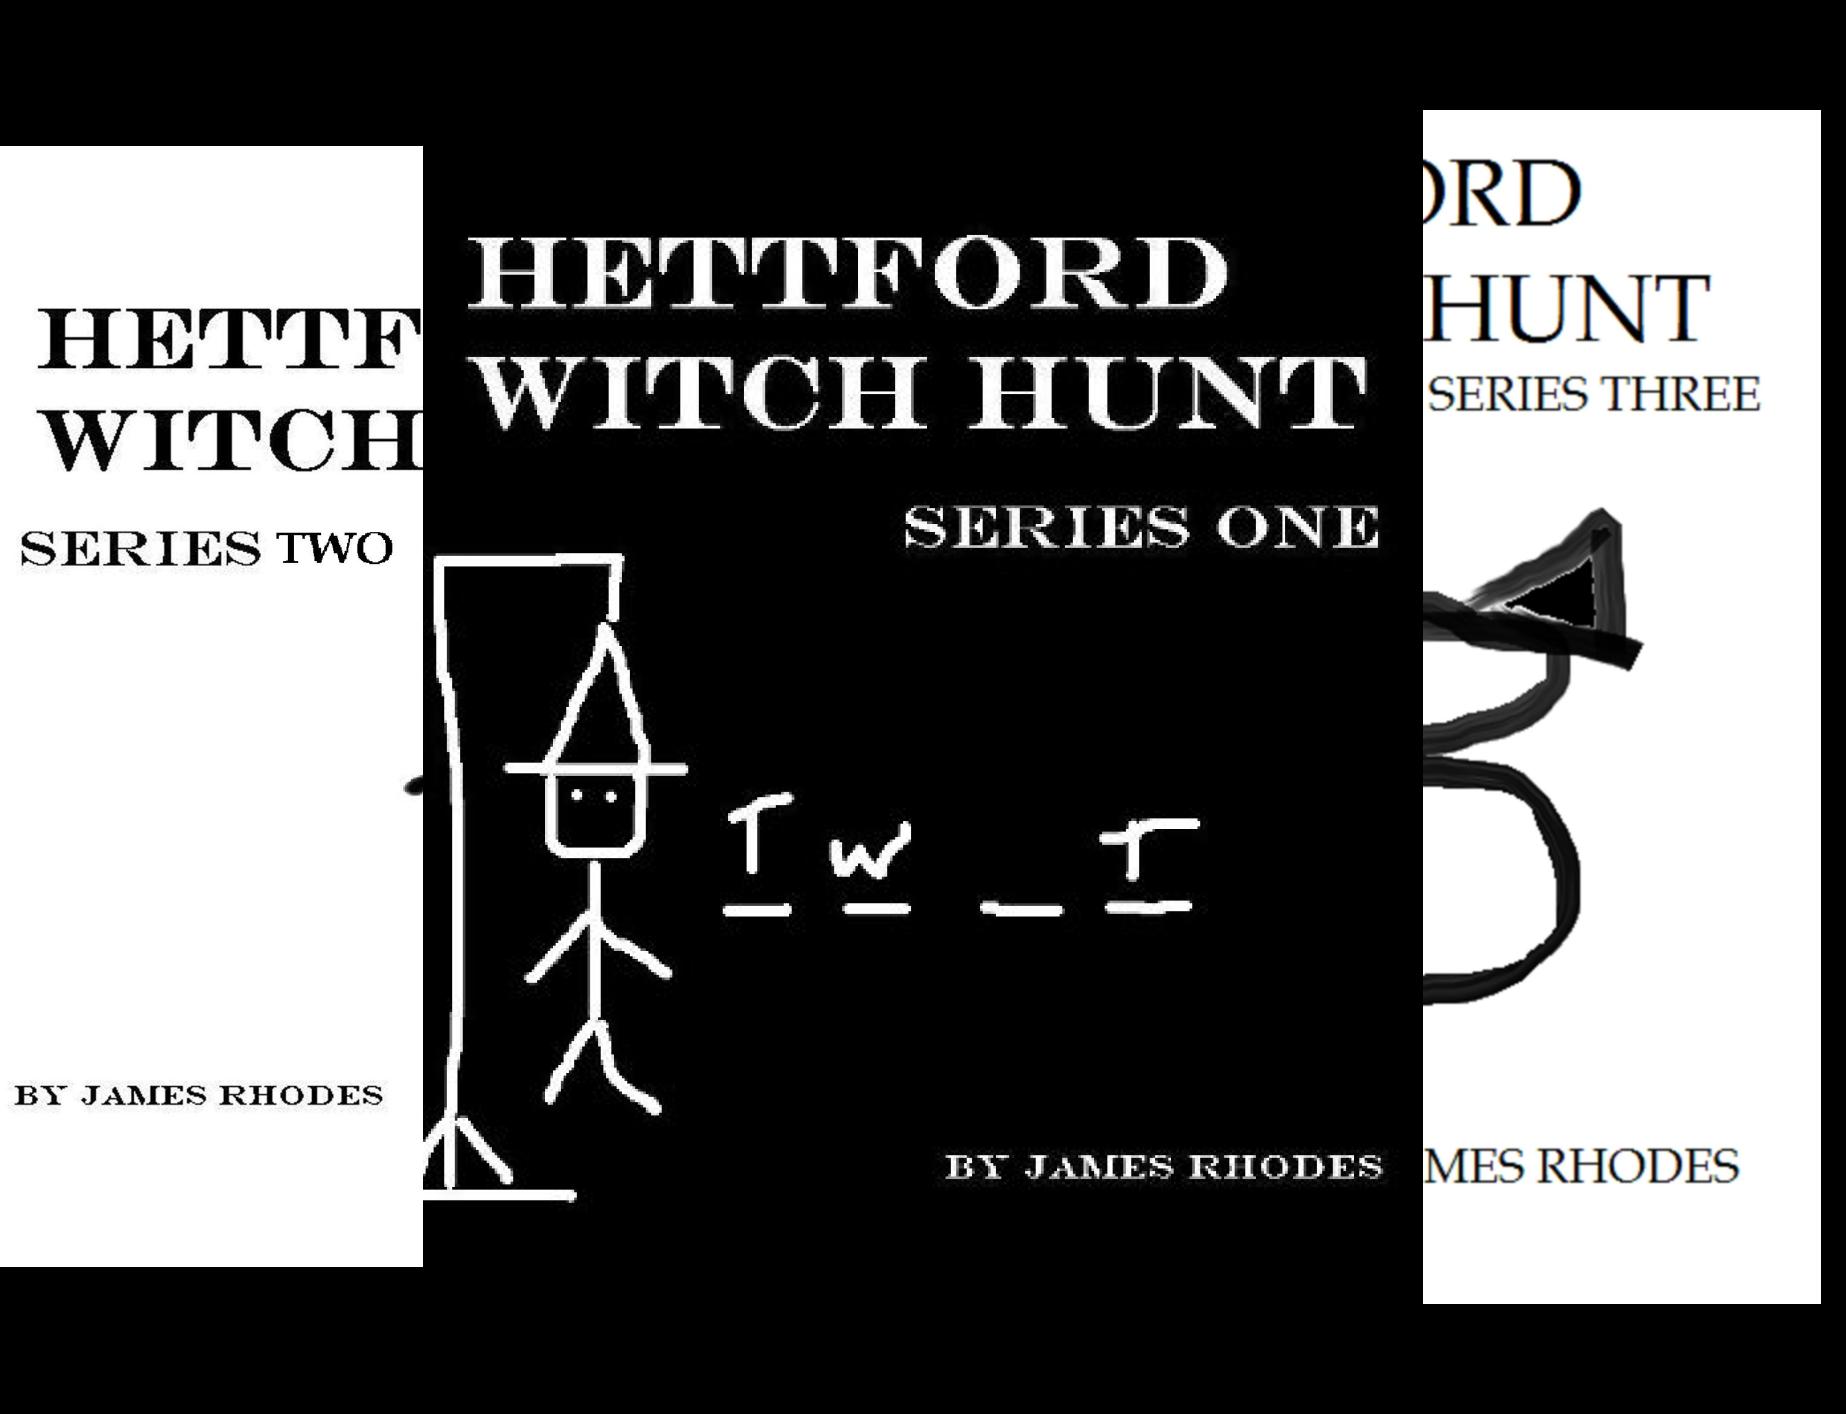 Hettford Witch Hunt (3 Book Series)